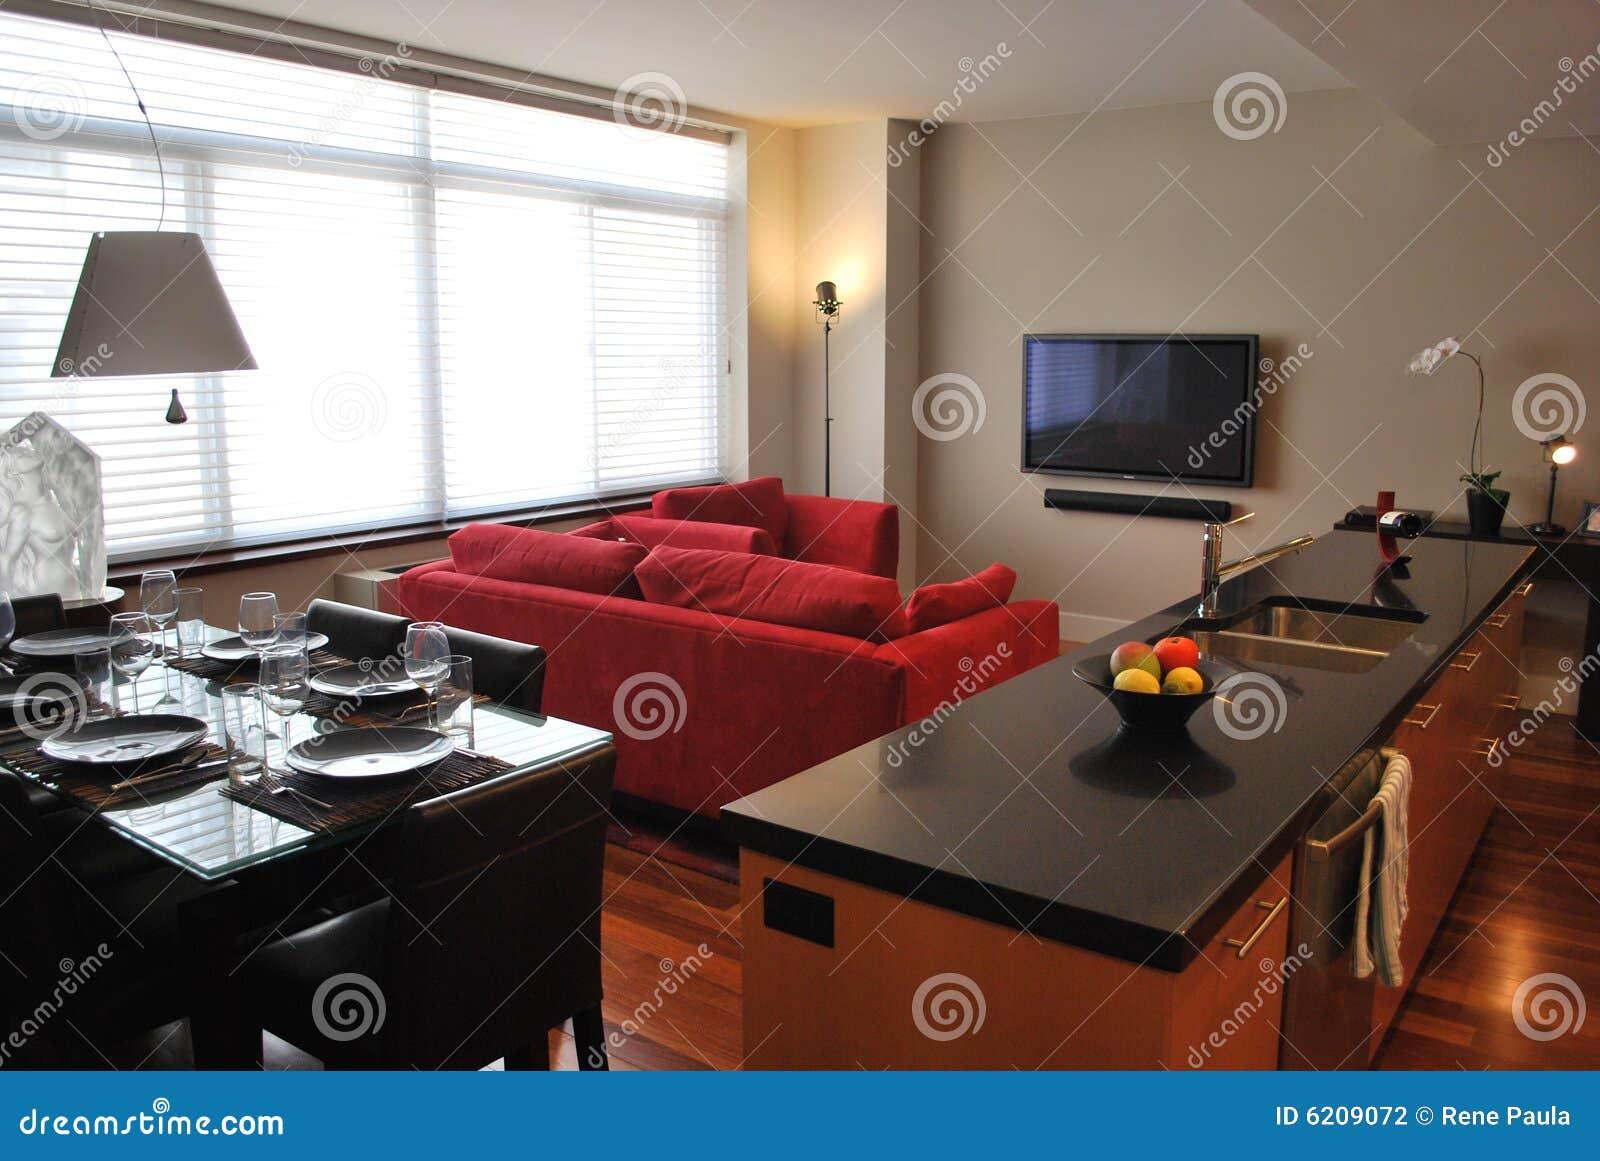 Appartement moderne avec la cuisine ouverte vie dinant for Appartement cuisine ouverte